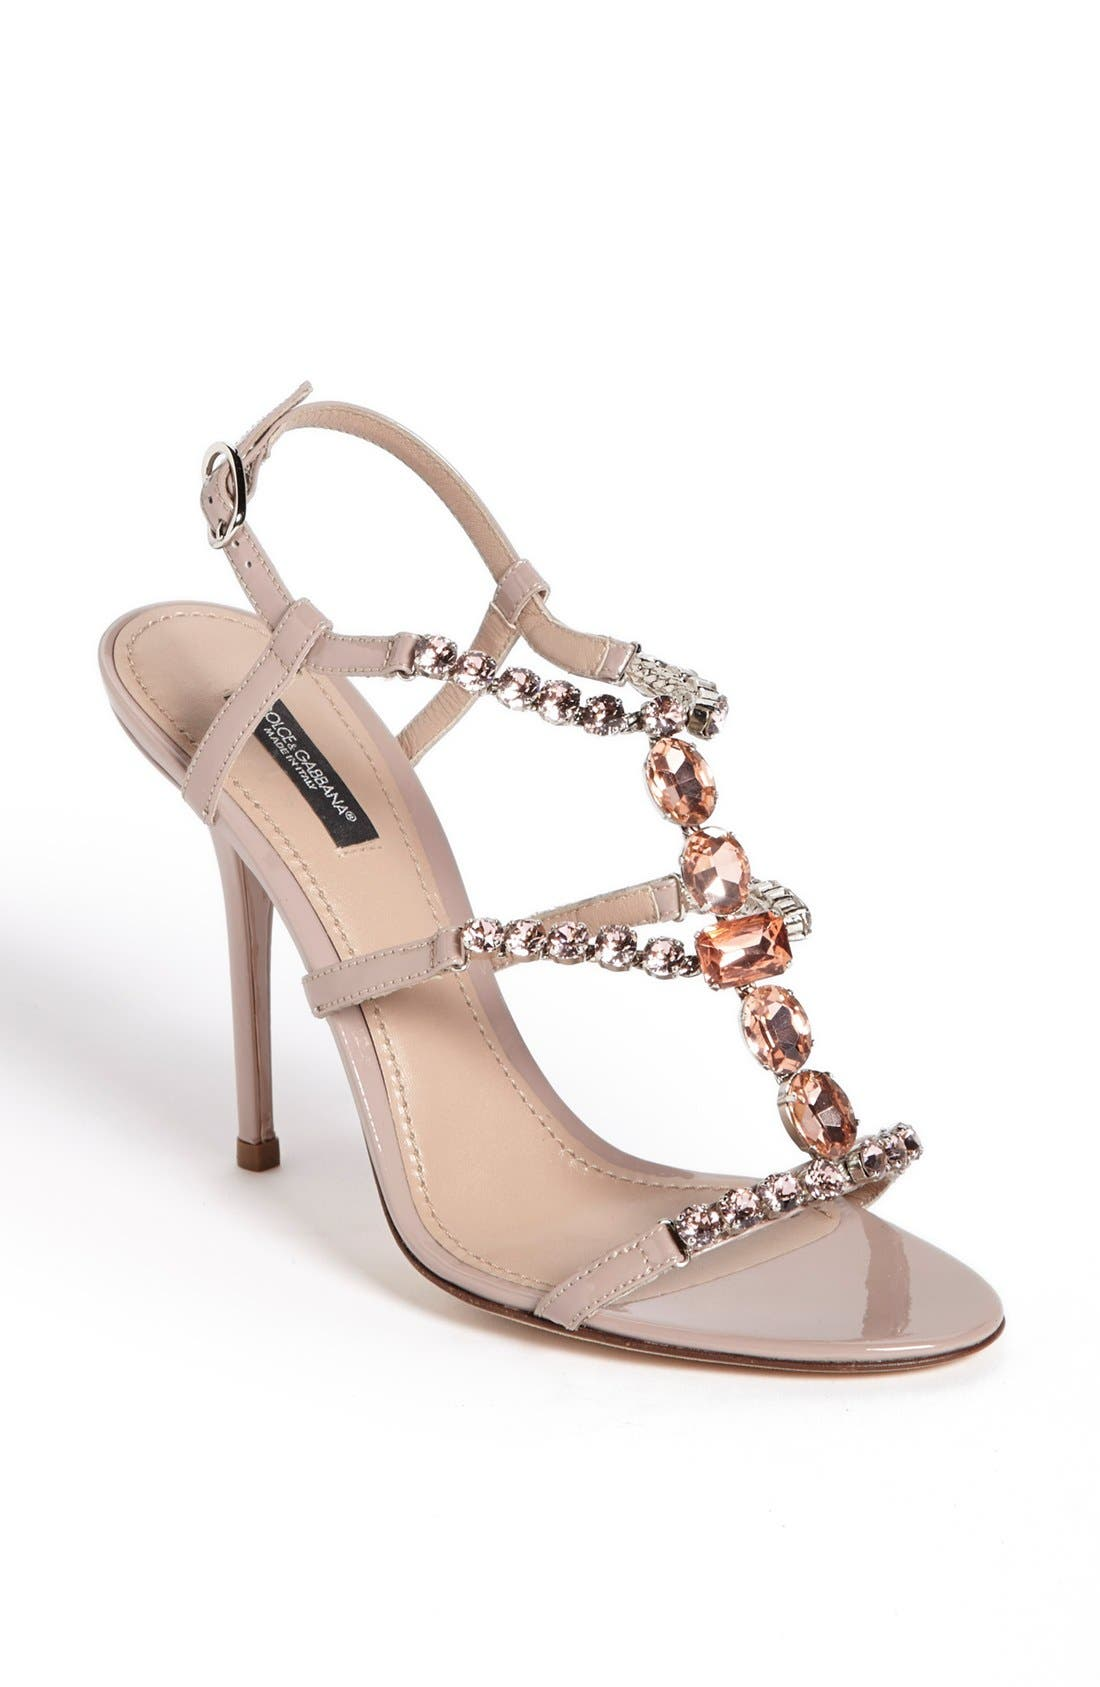 Main Image - Dolce&Gabbana Jewel Sandal